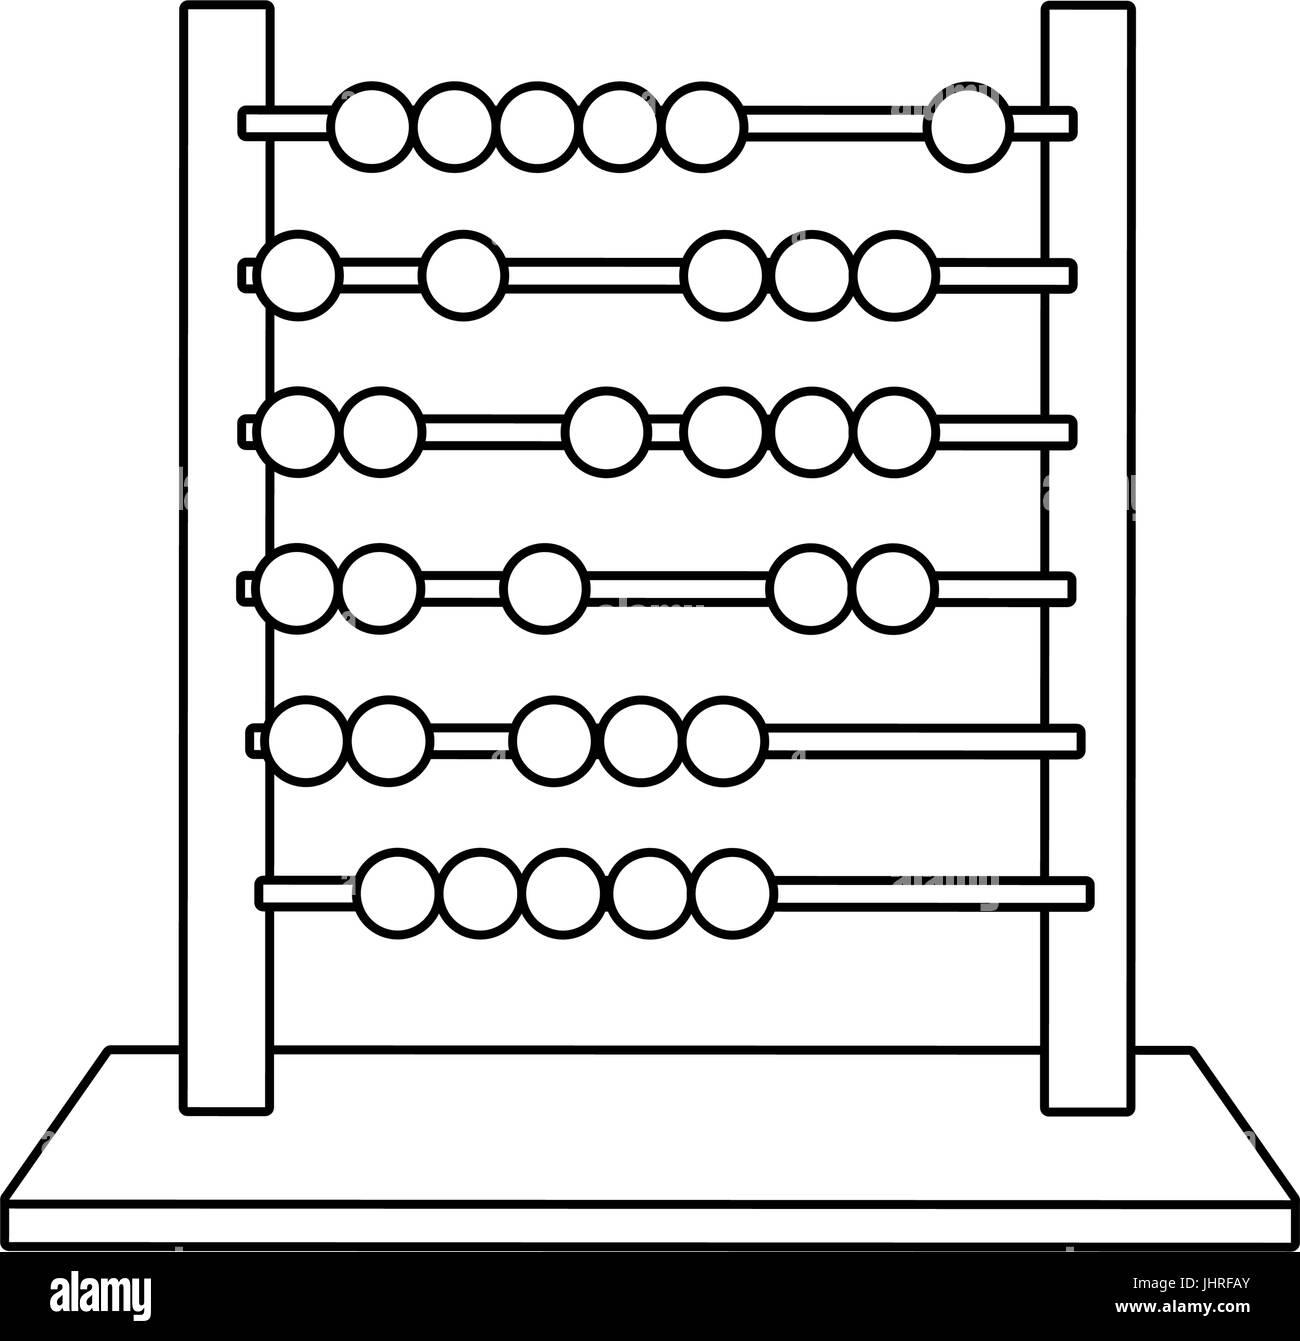 Ausgezeichnet Mad Minute Mathe Arbeitsblatt Seiten In Fotoqualität ...